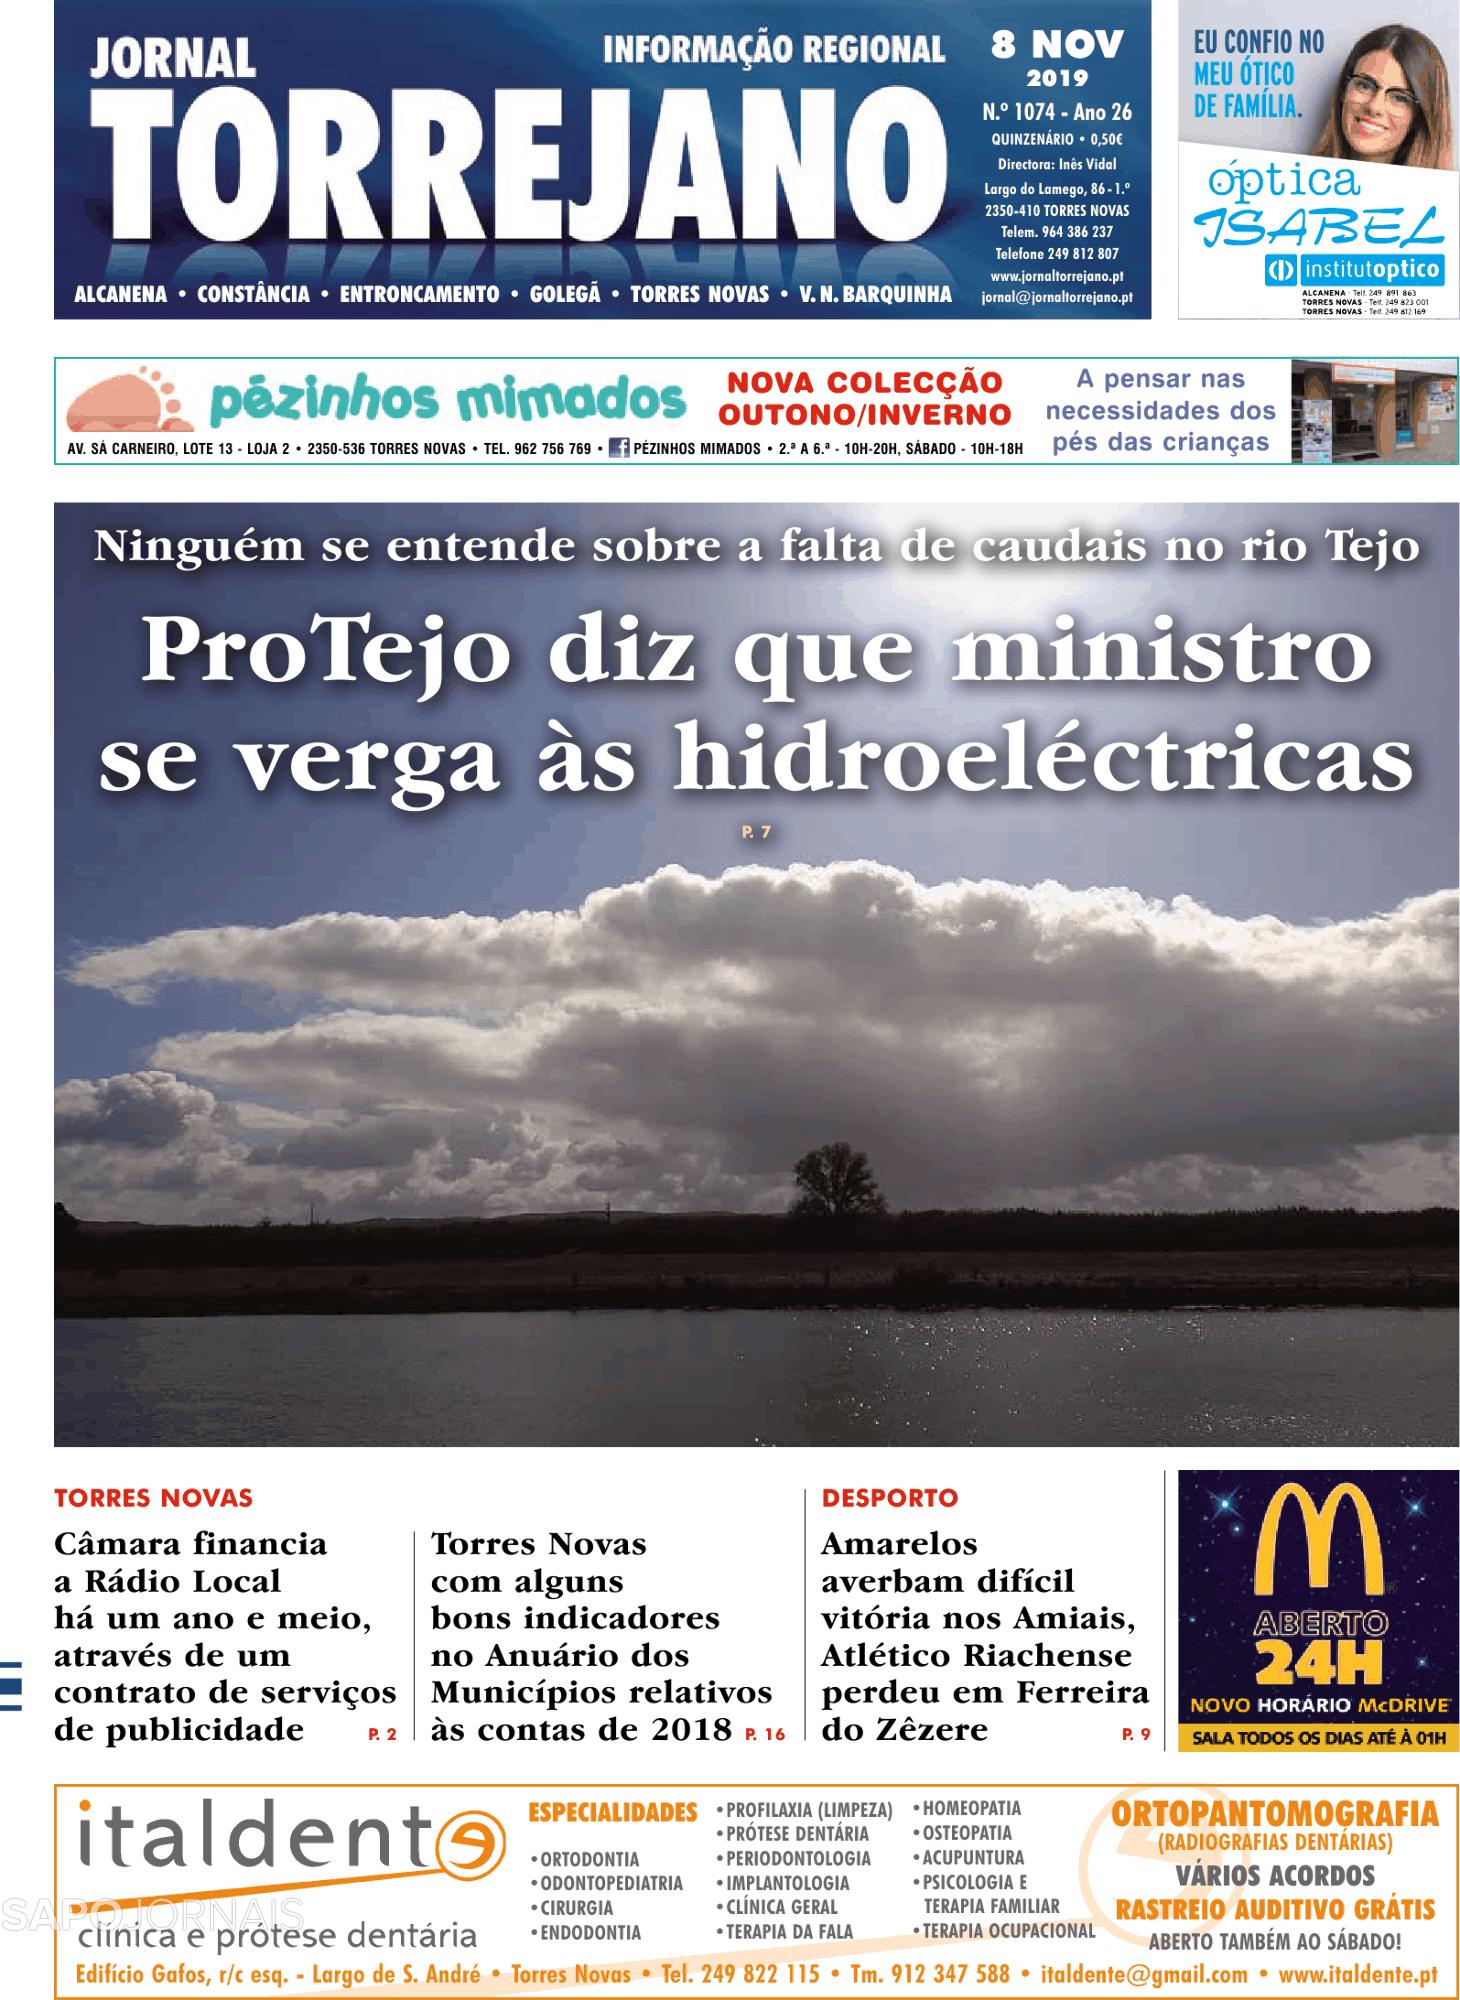 Jornal Torrejano